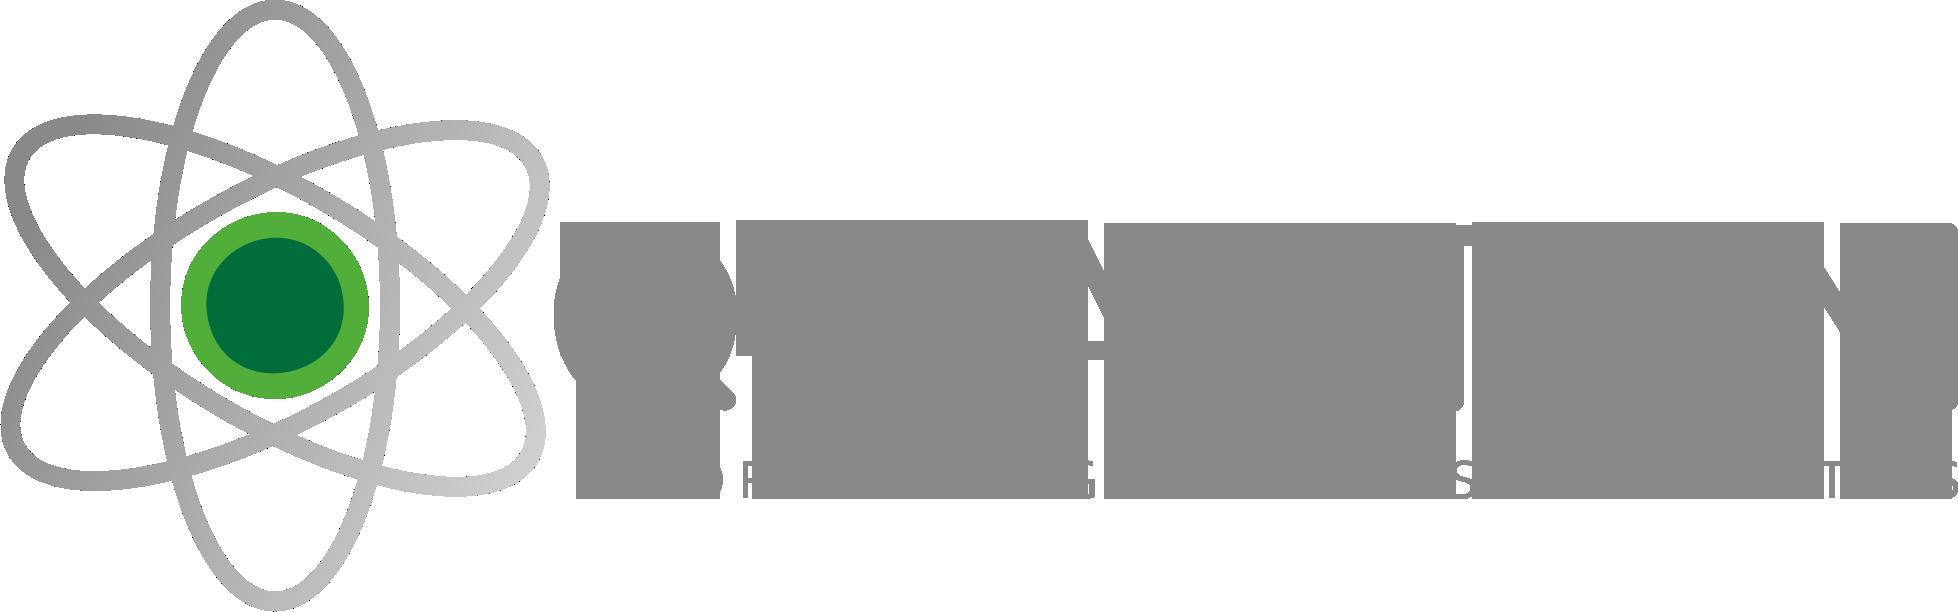 Quantum Forwarding